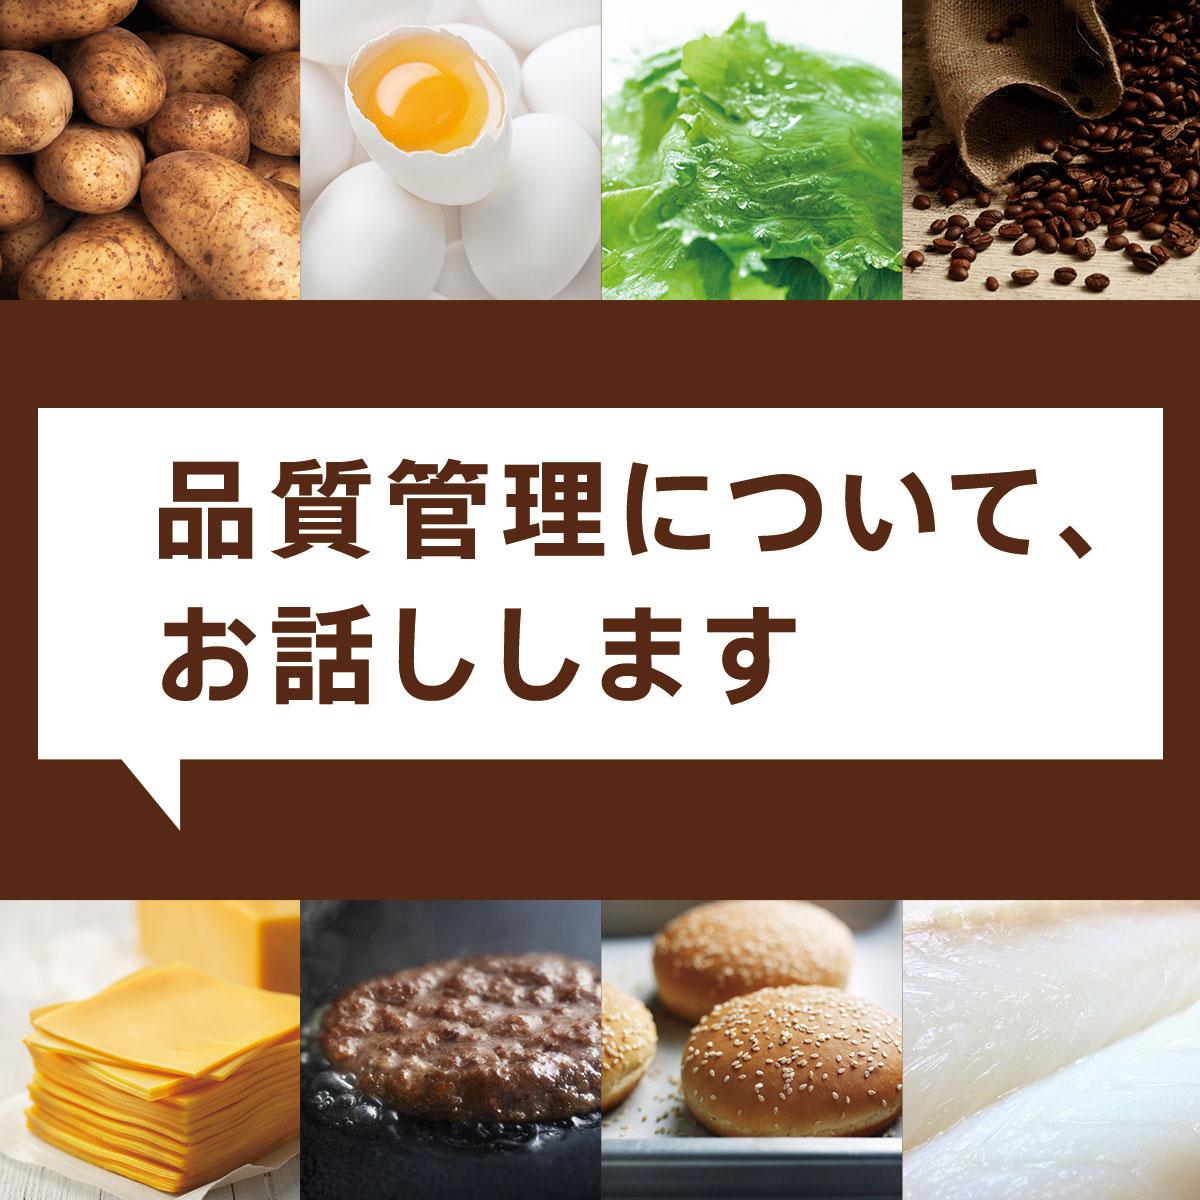 パティに使っている牛肉の部位はなんですか? | 食の安心Q&A | McDonald's Japan